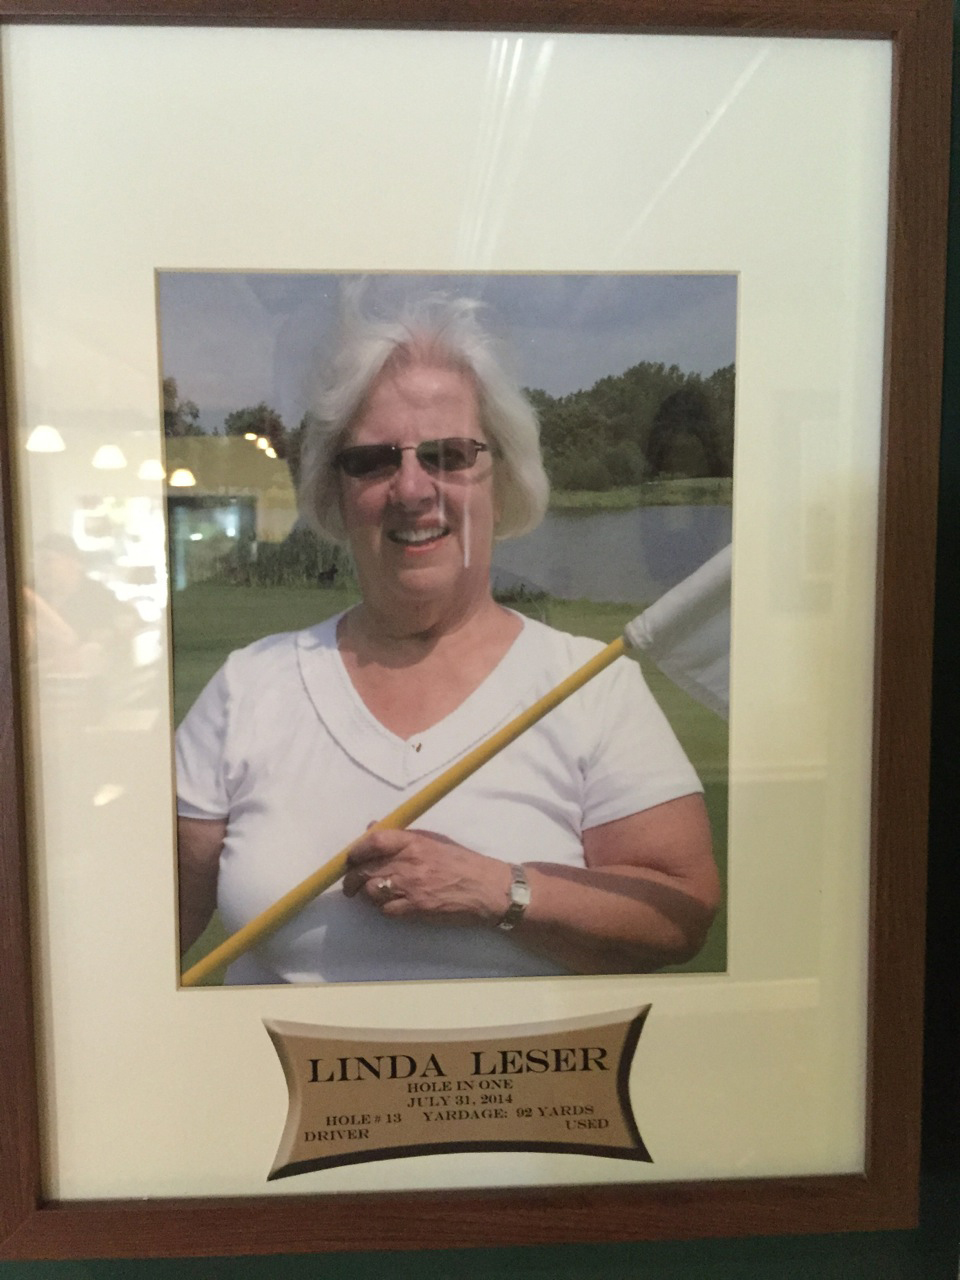 LINDA LESSER